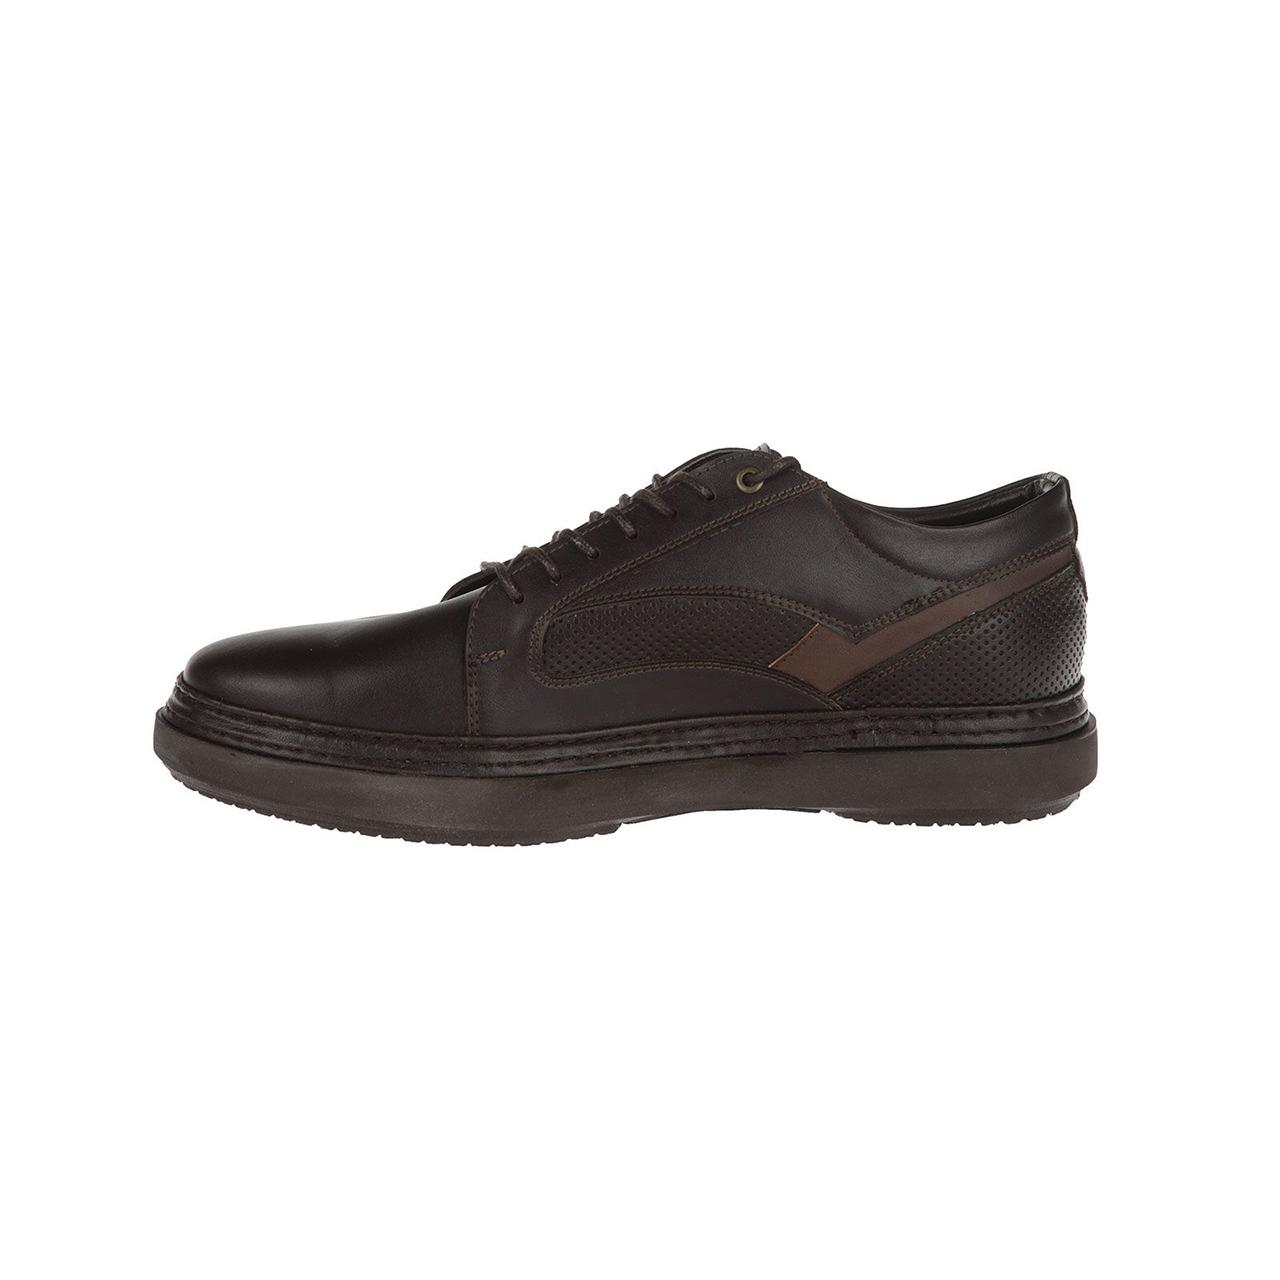 کفش مردانه پاتن جامه مدل 1562118-3539